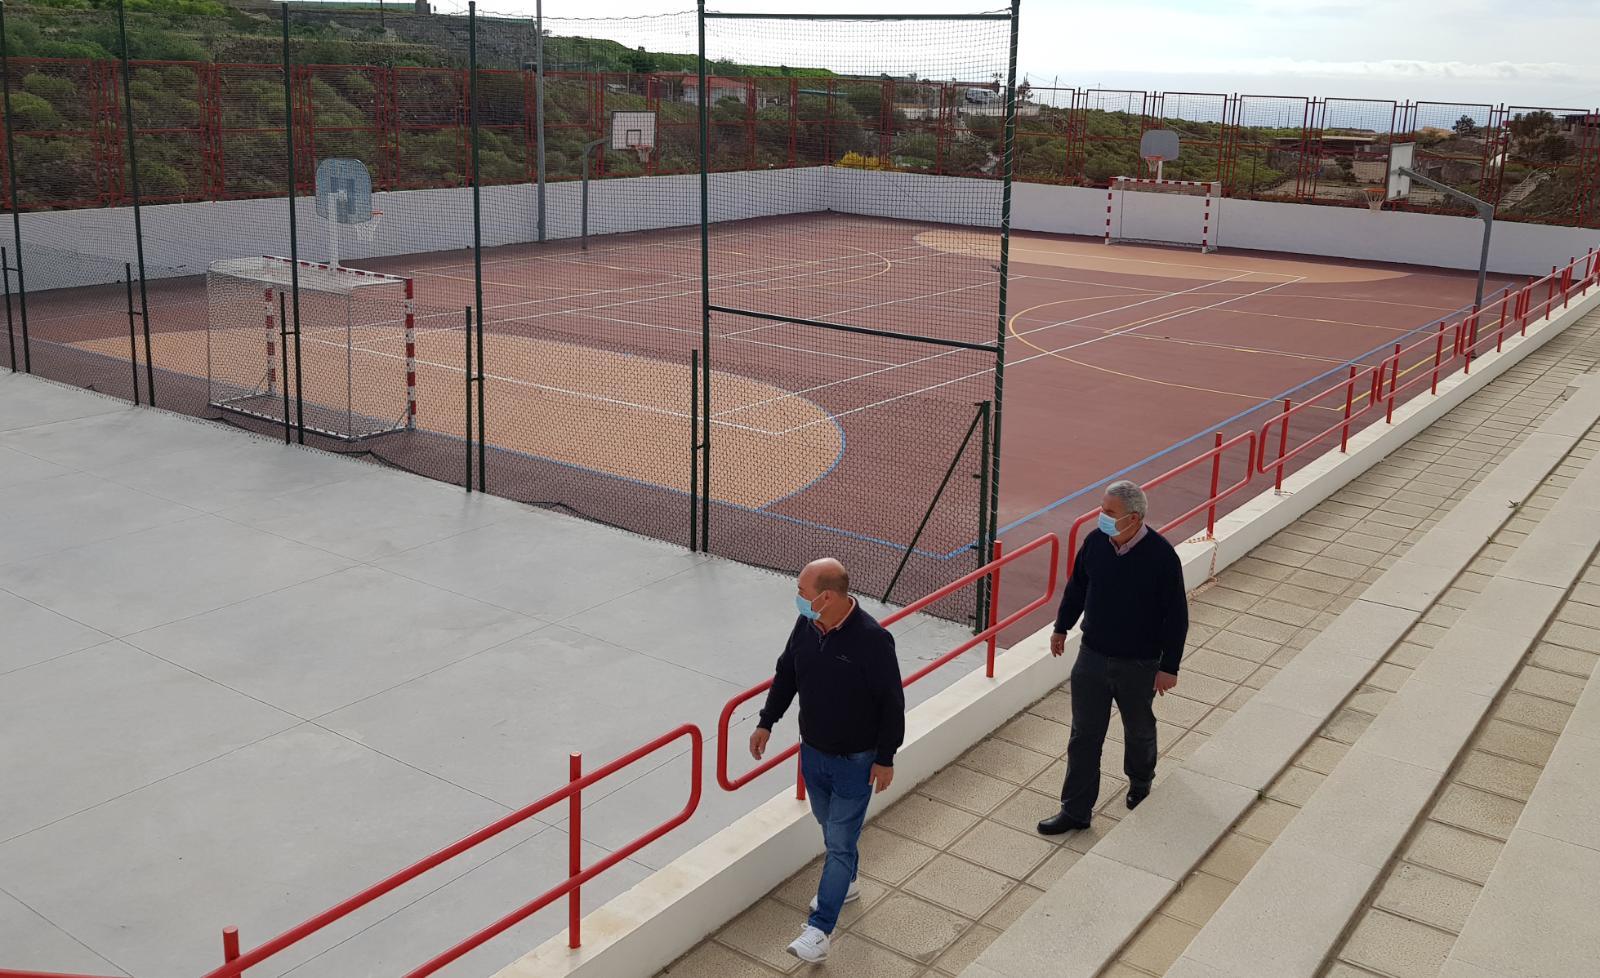 Polideportivo. San Miguel de Abona/ canariasnoticias.es